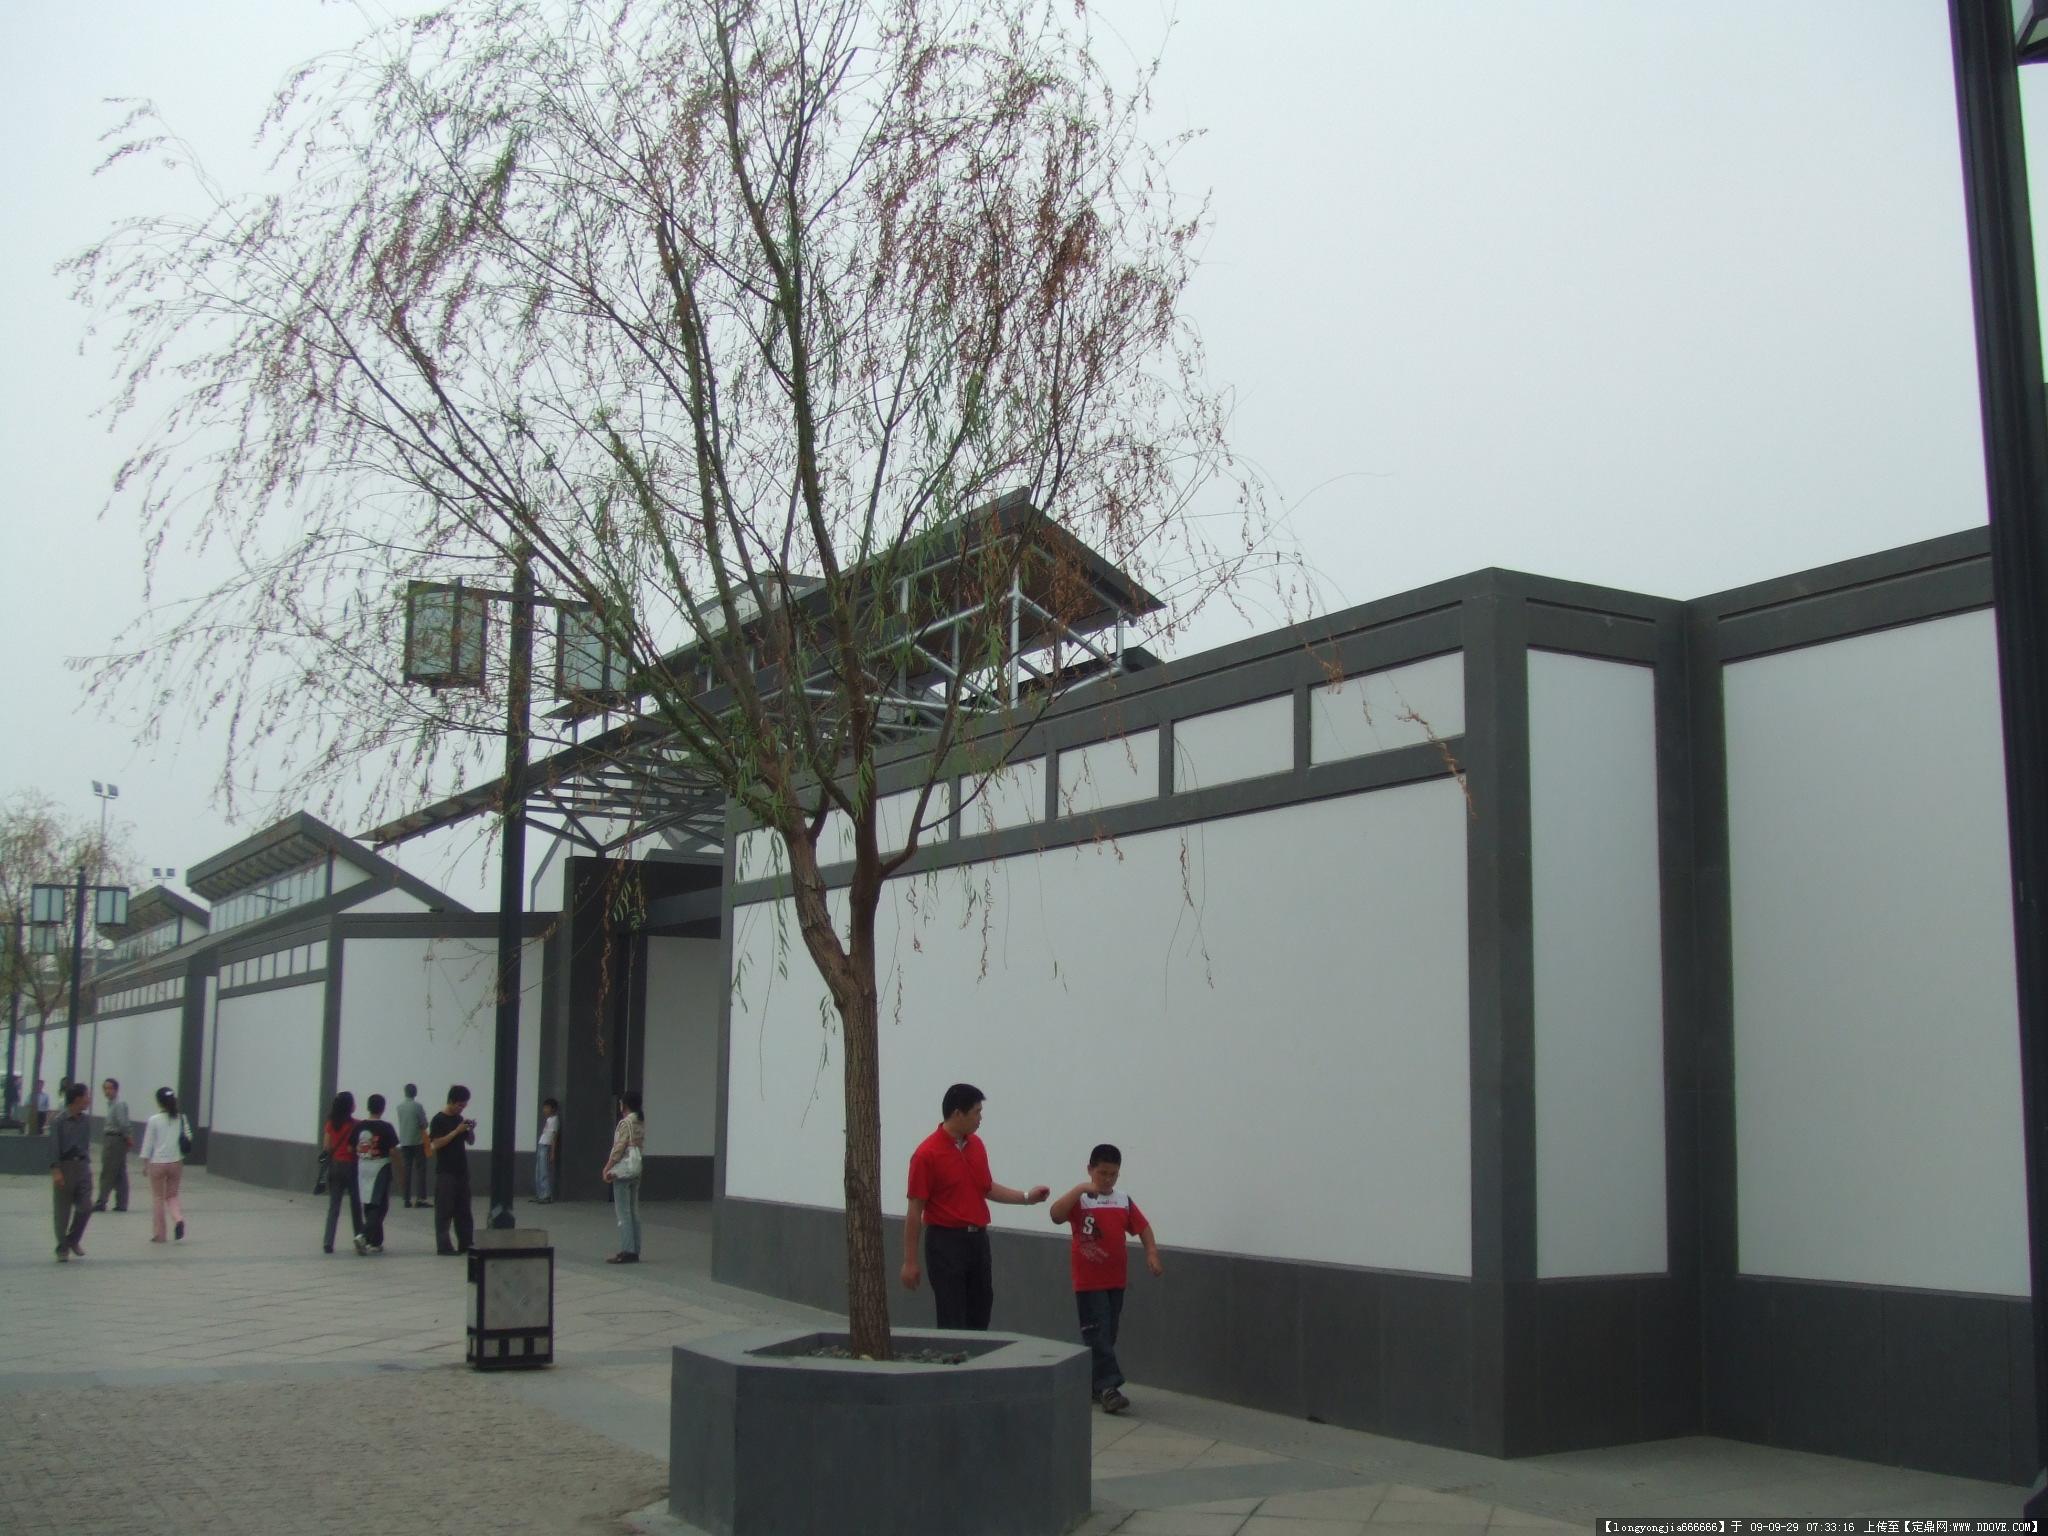 苏州博物馆实景照片----贝聿铭